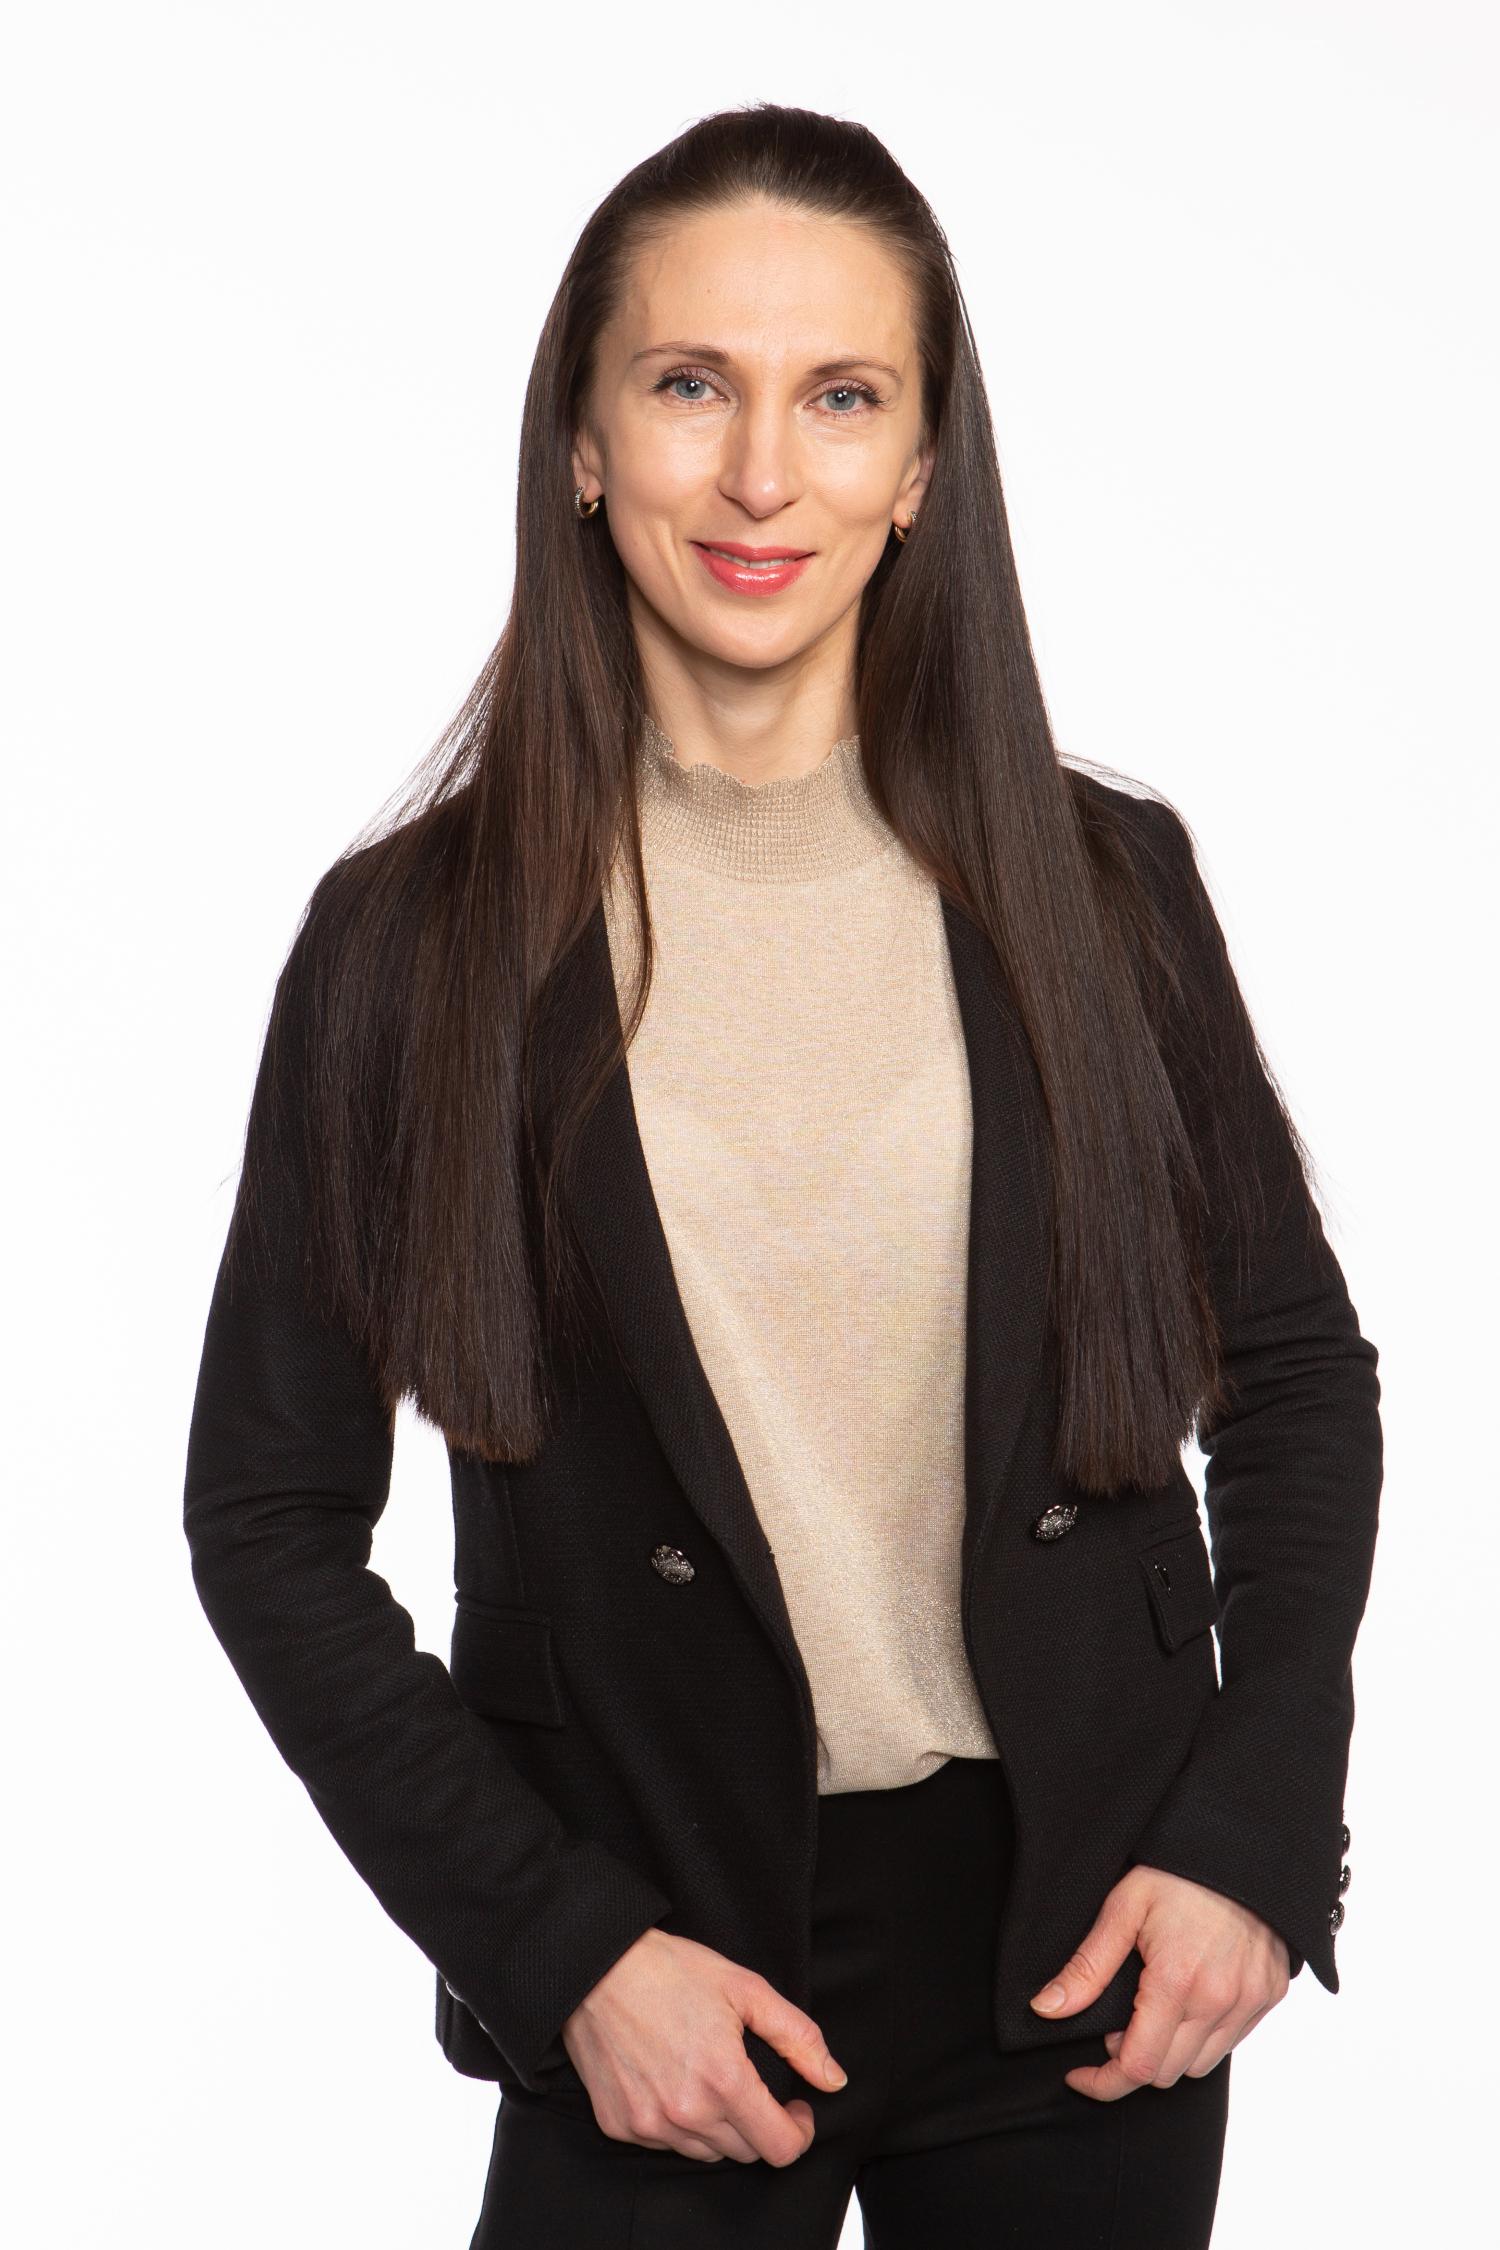 Olga Piira